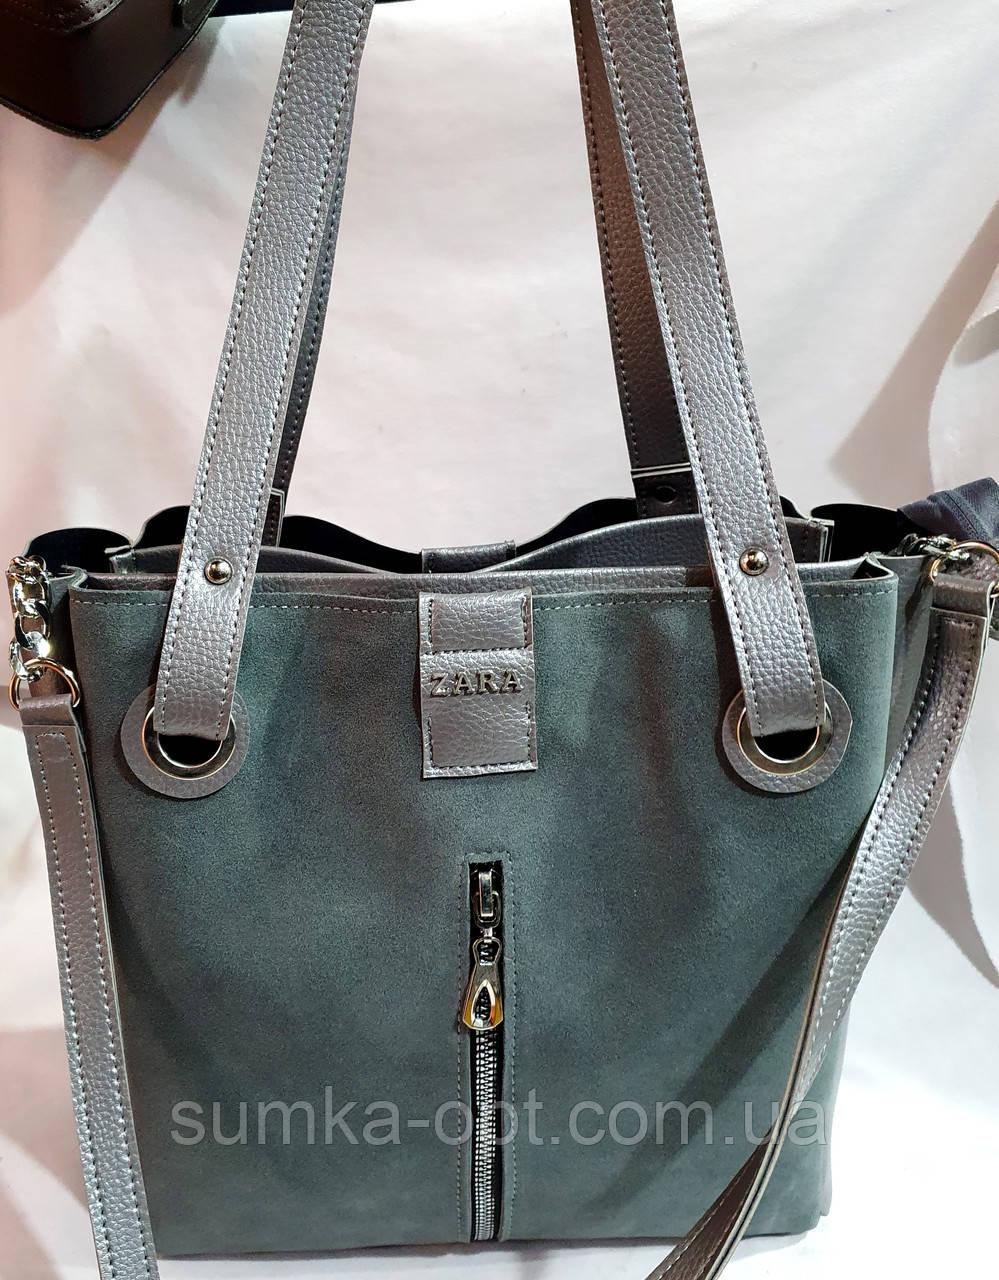 Брендовая женская сумка Zara с боковыми карманами, серая с серебристой фурнитурой 29*30 см (натуральная замша